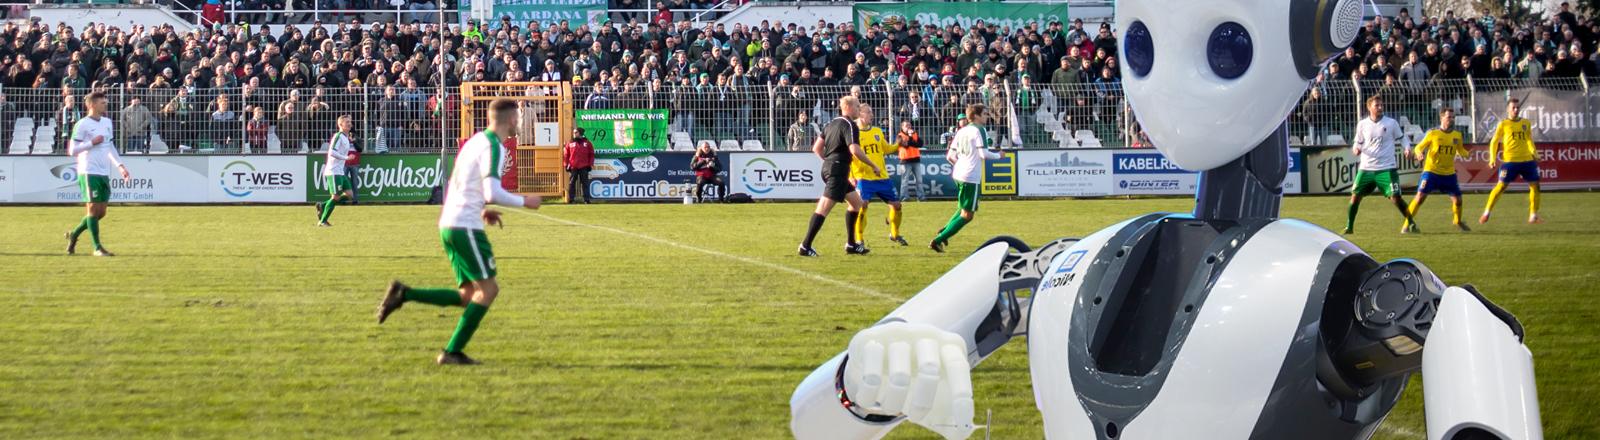 Ein Roboter beobachtet ein Amateur-Fußballspiel.